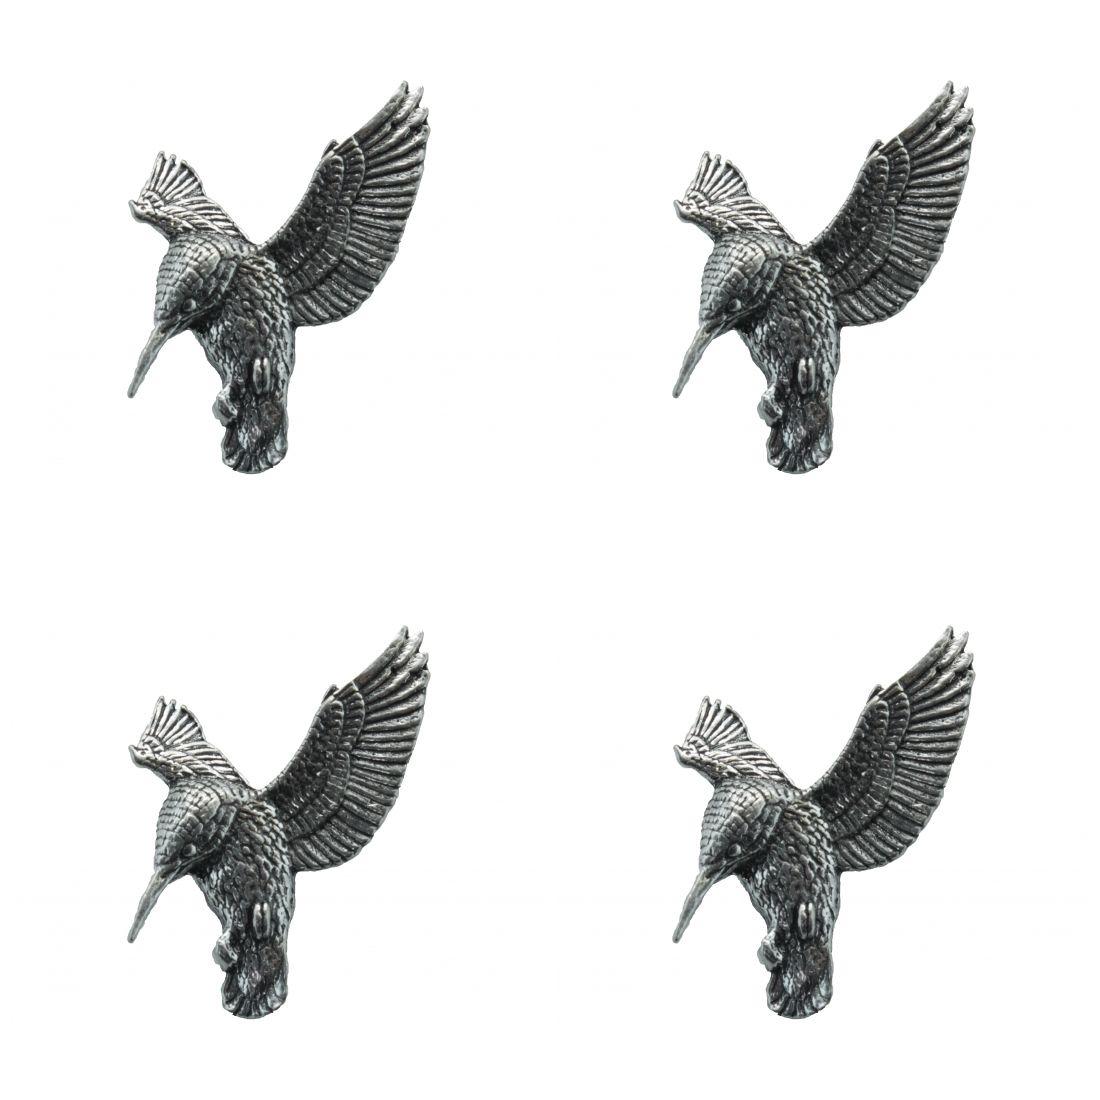 4 x Pin Anstecker Badge Eisvogel schwebend, 2,9x3,7cm